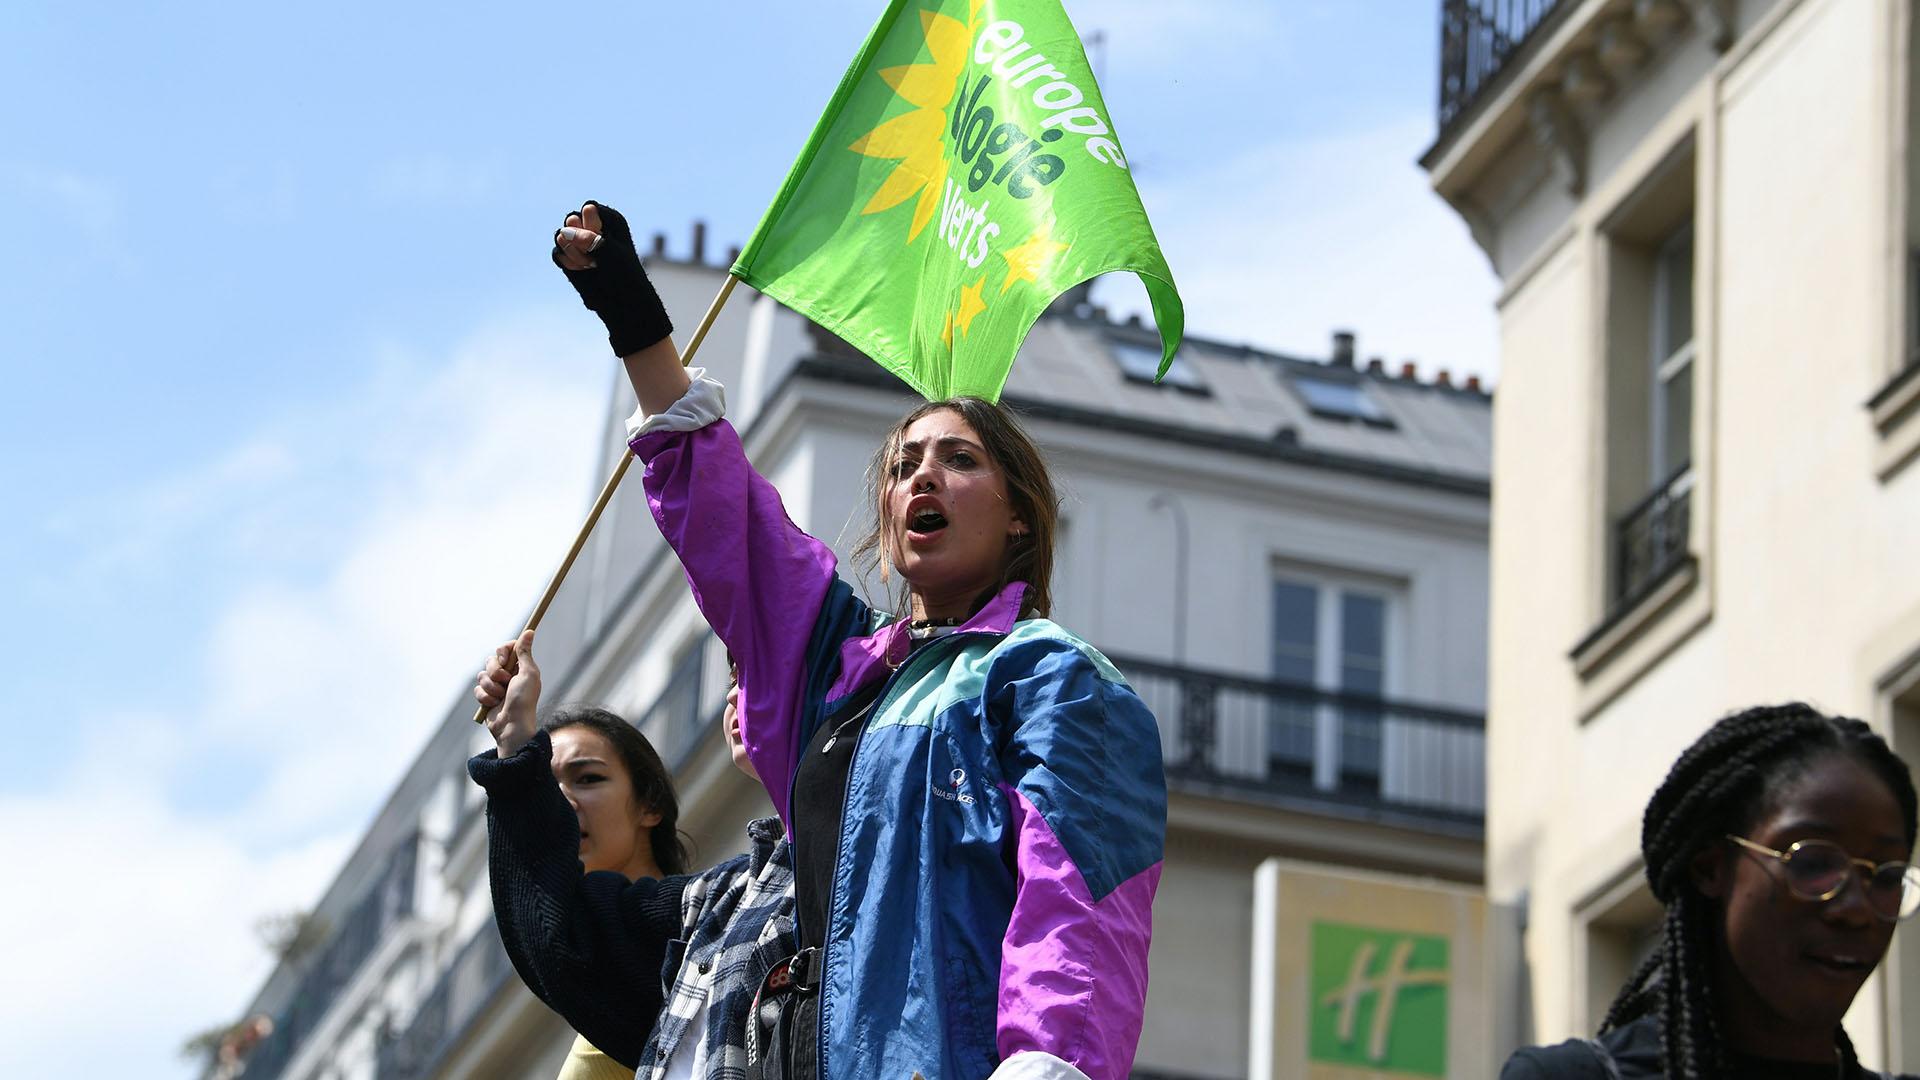 """Manifestantes participan en una protesta de los """"Viernes por el clima"""" el 24 de mayo de 2019 en París, en el marco de la campaña mundial de la juventud en vísperas de las elecciones de la UE. (AFP)"""